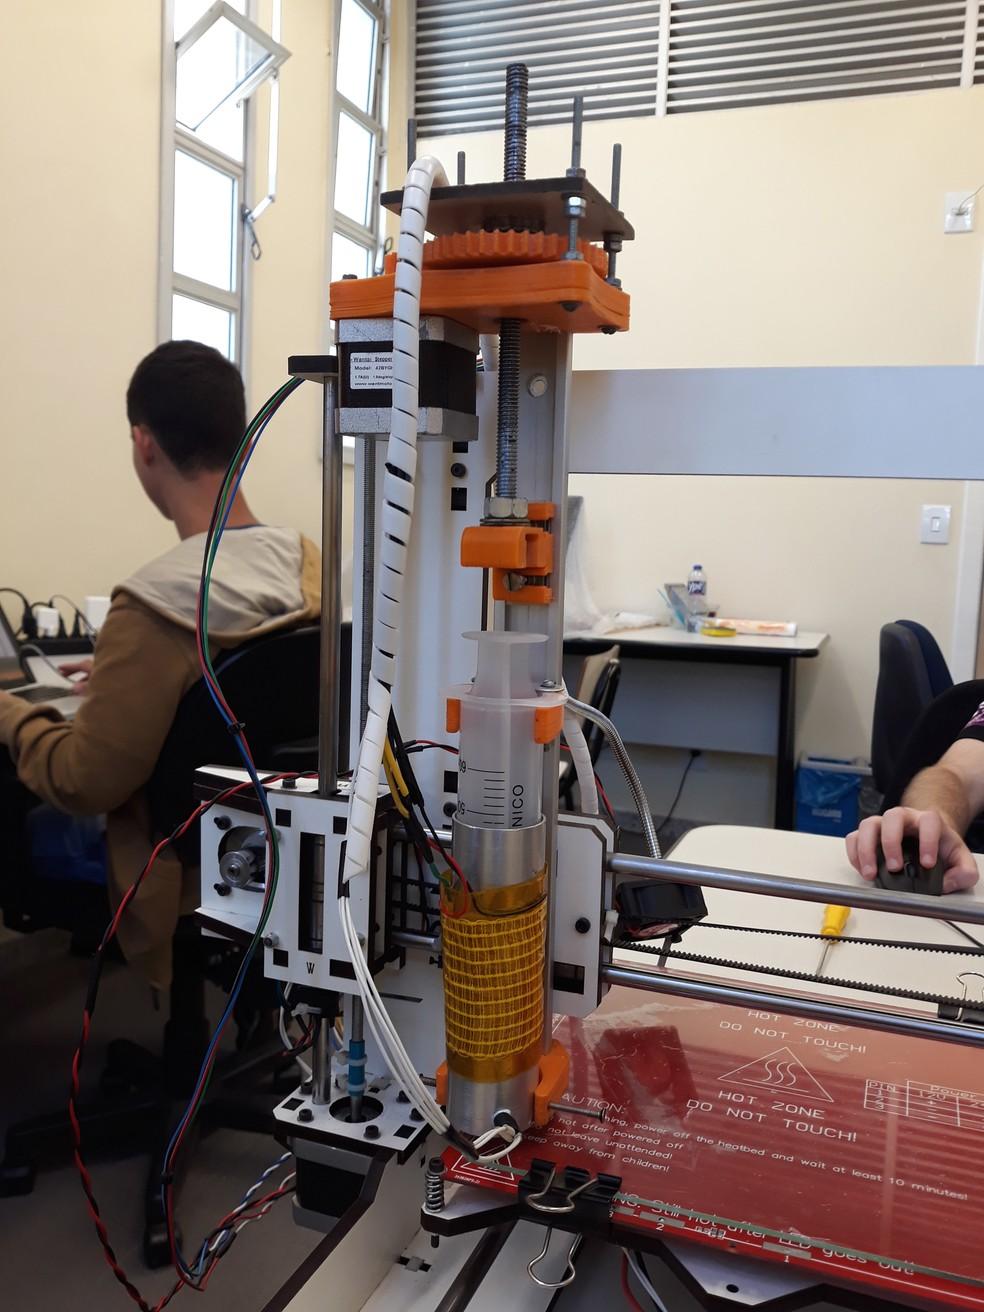 Impressora 3D desenvolvida por alunos do Cefet em Belo Horizonte — Foto: Carolina Kuroda/Arquivo pessoal